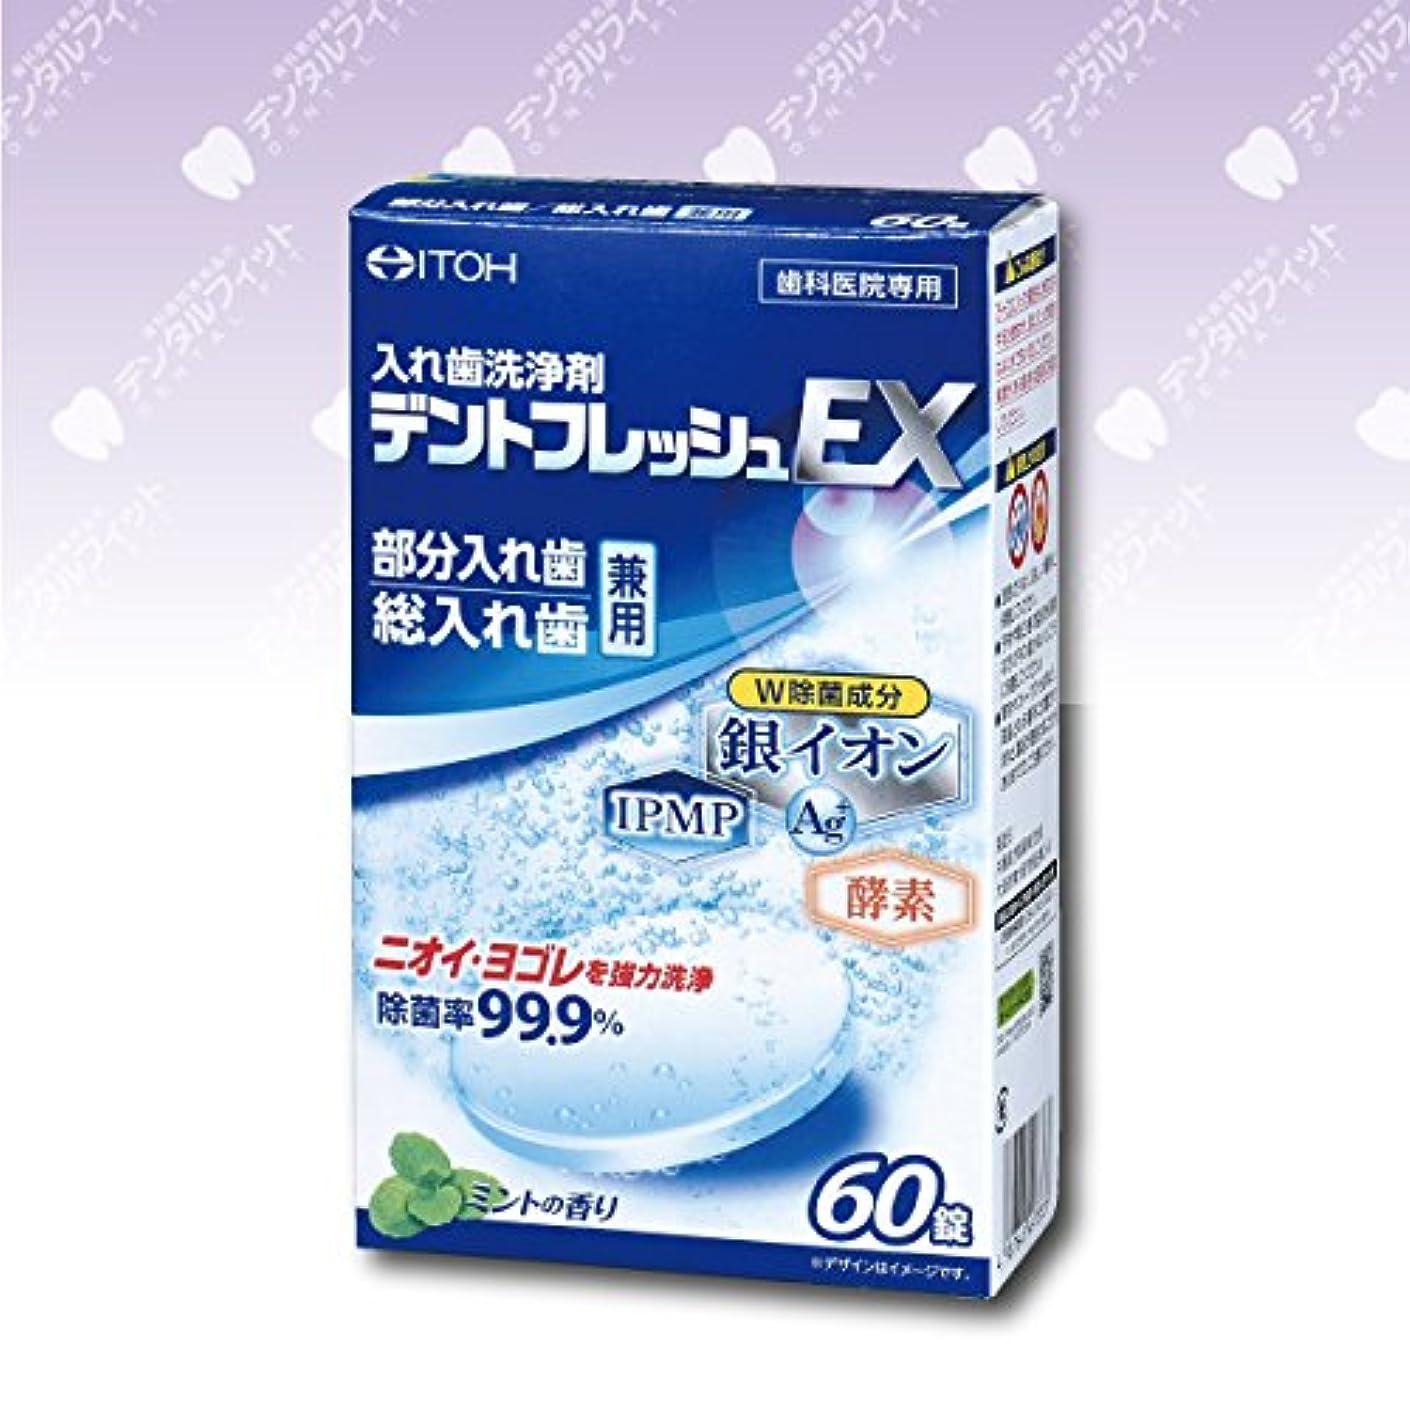 釈義暗殺者ヘルメット入れ歯洗浄剤 デントフレッシュEX 1箱(60錠)